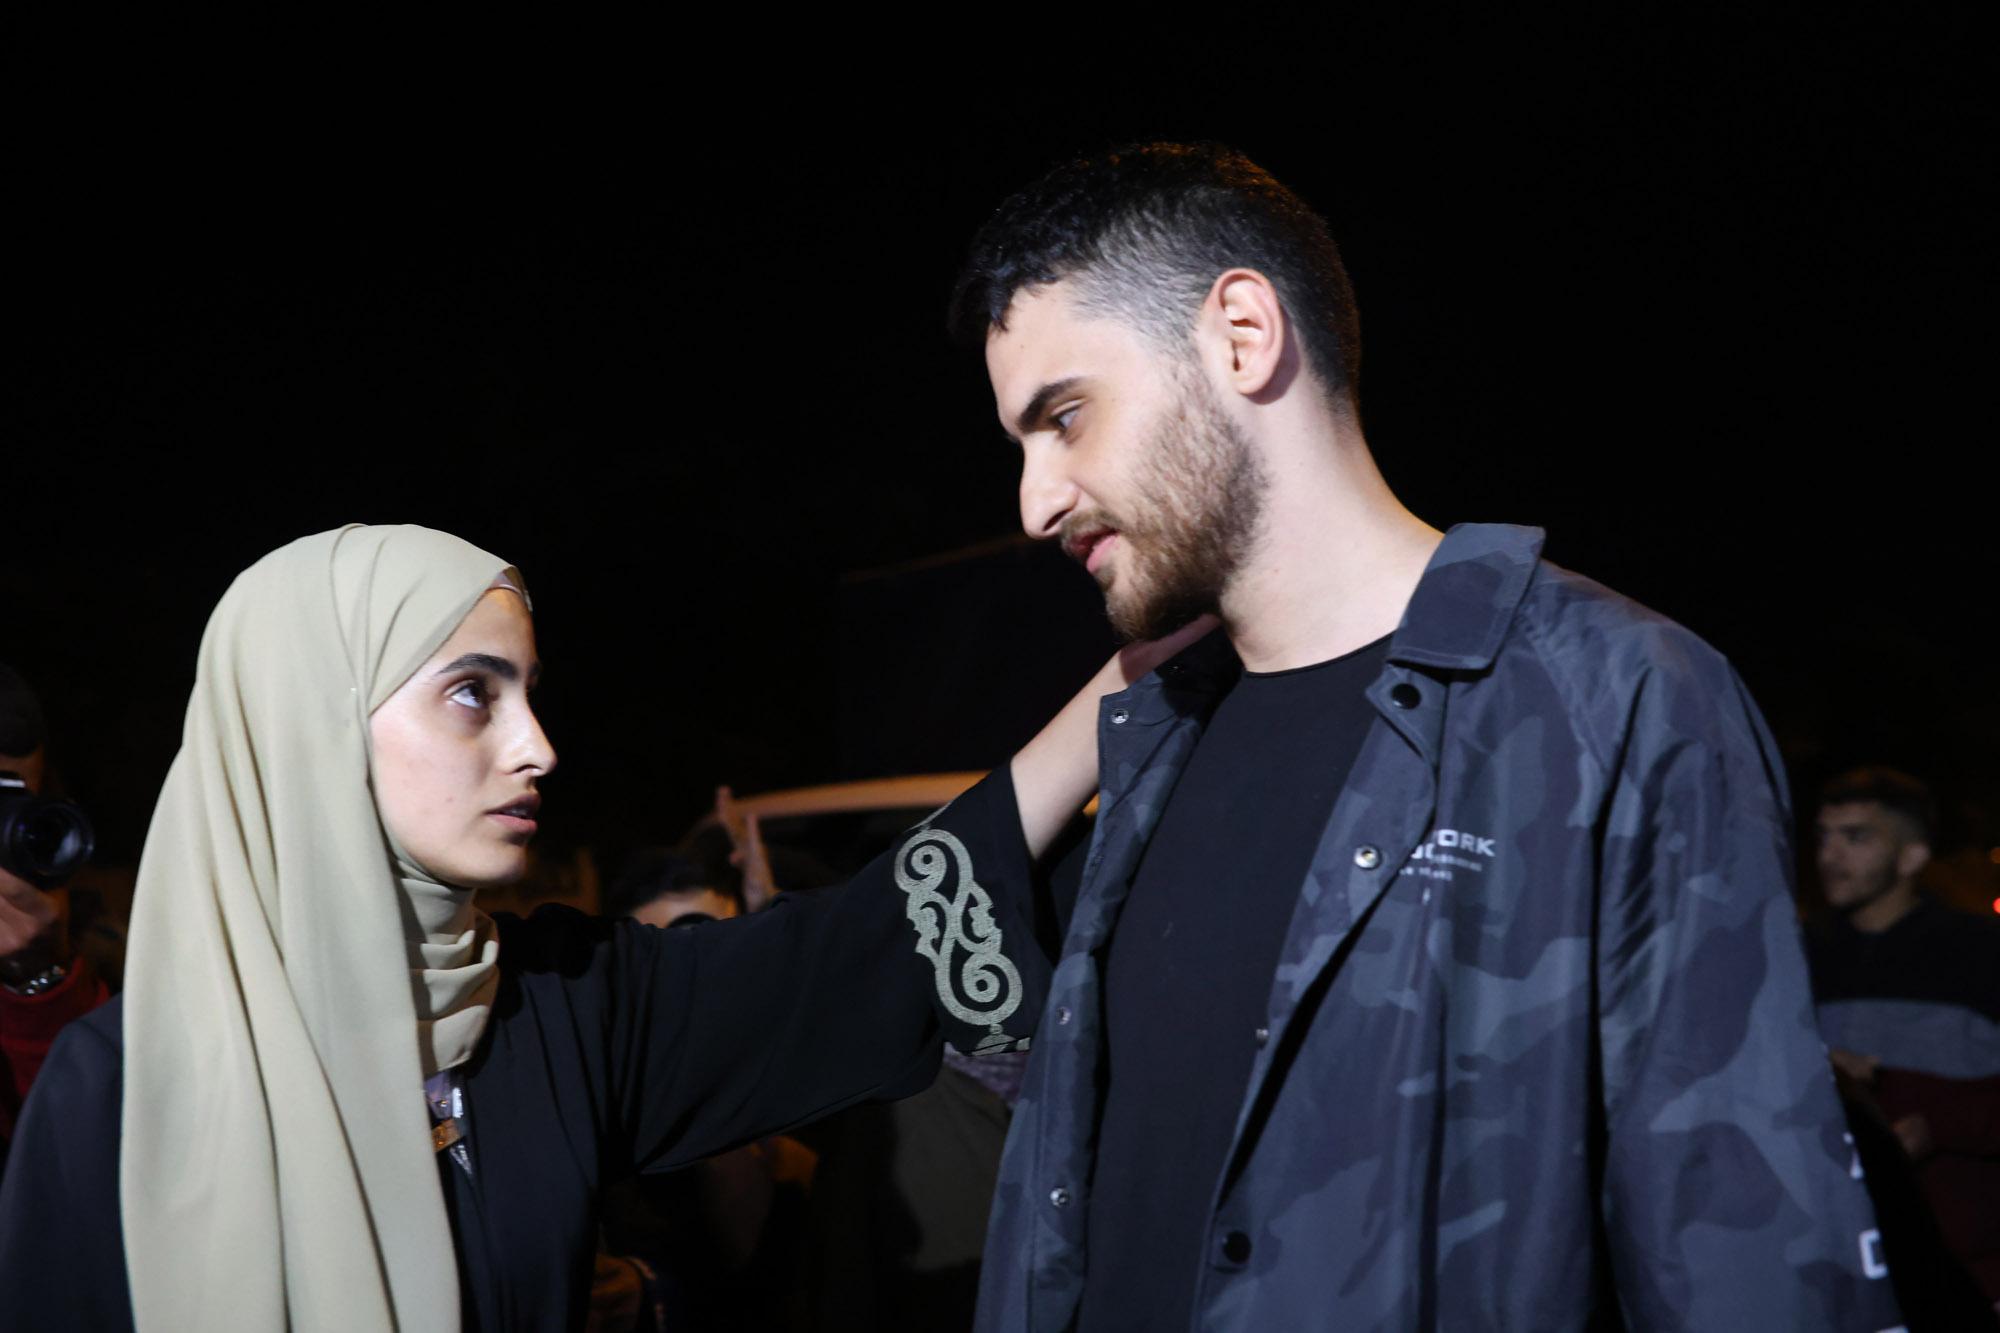 Muna El-Kurd (a sinistra) e suo fratello Mohammed visti dopo essere stati rilasciati dalla custodia della polizia, 7 giugno 2021. (Oren Ziv)